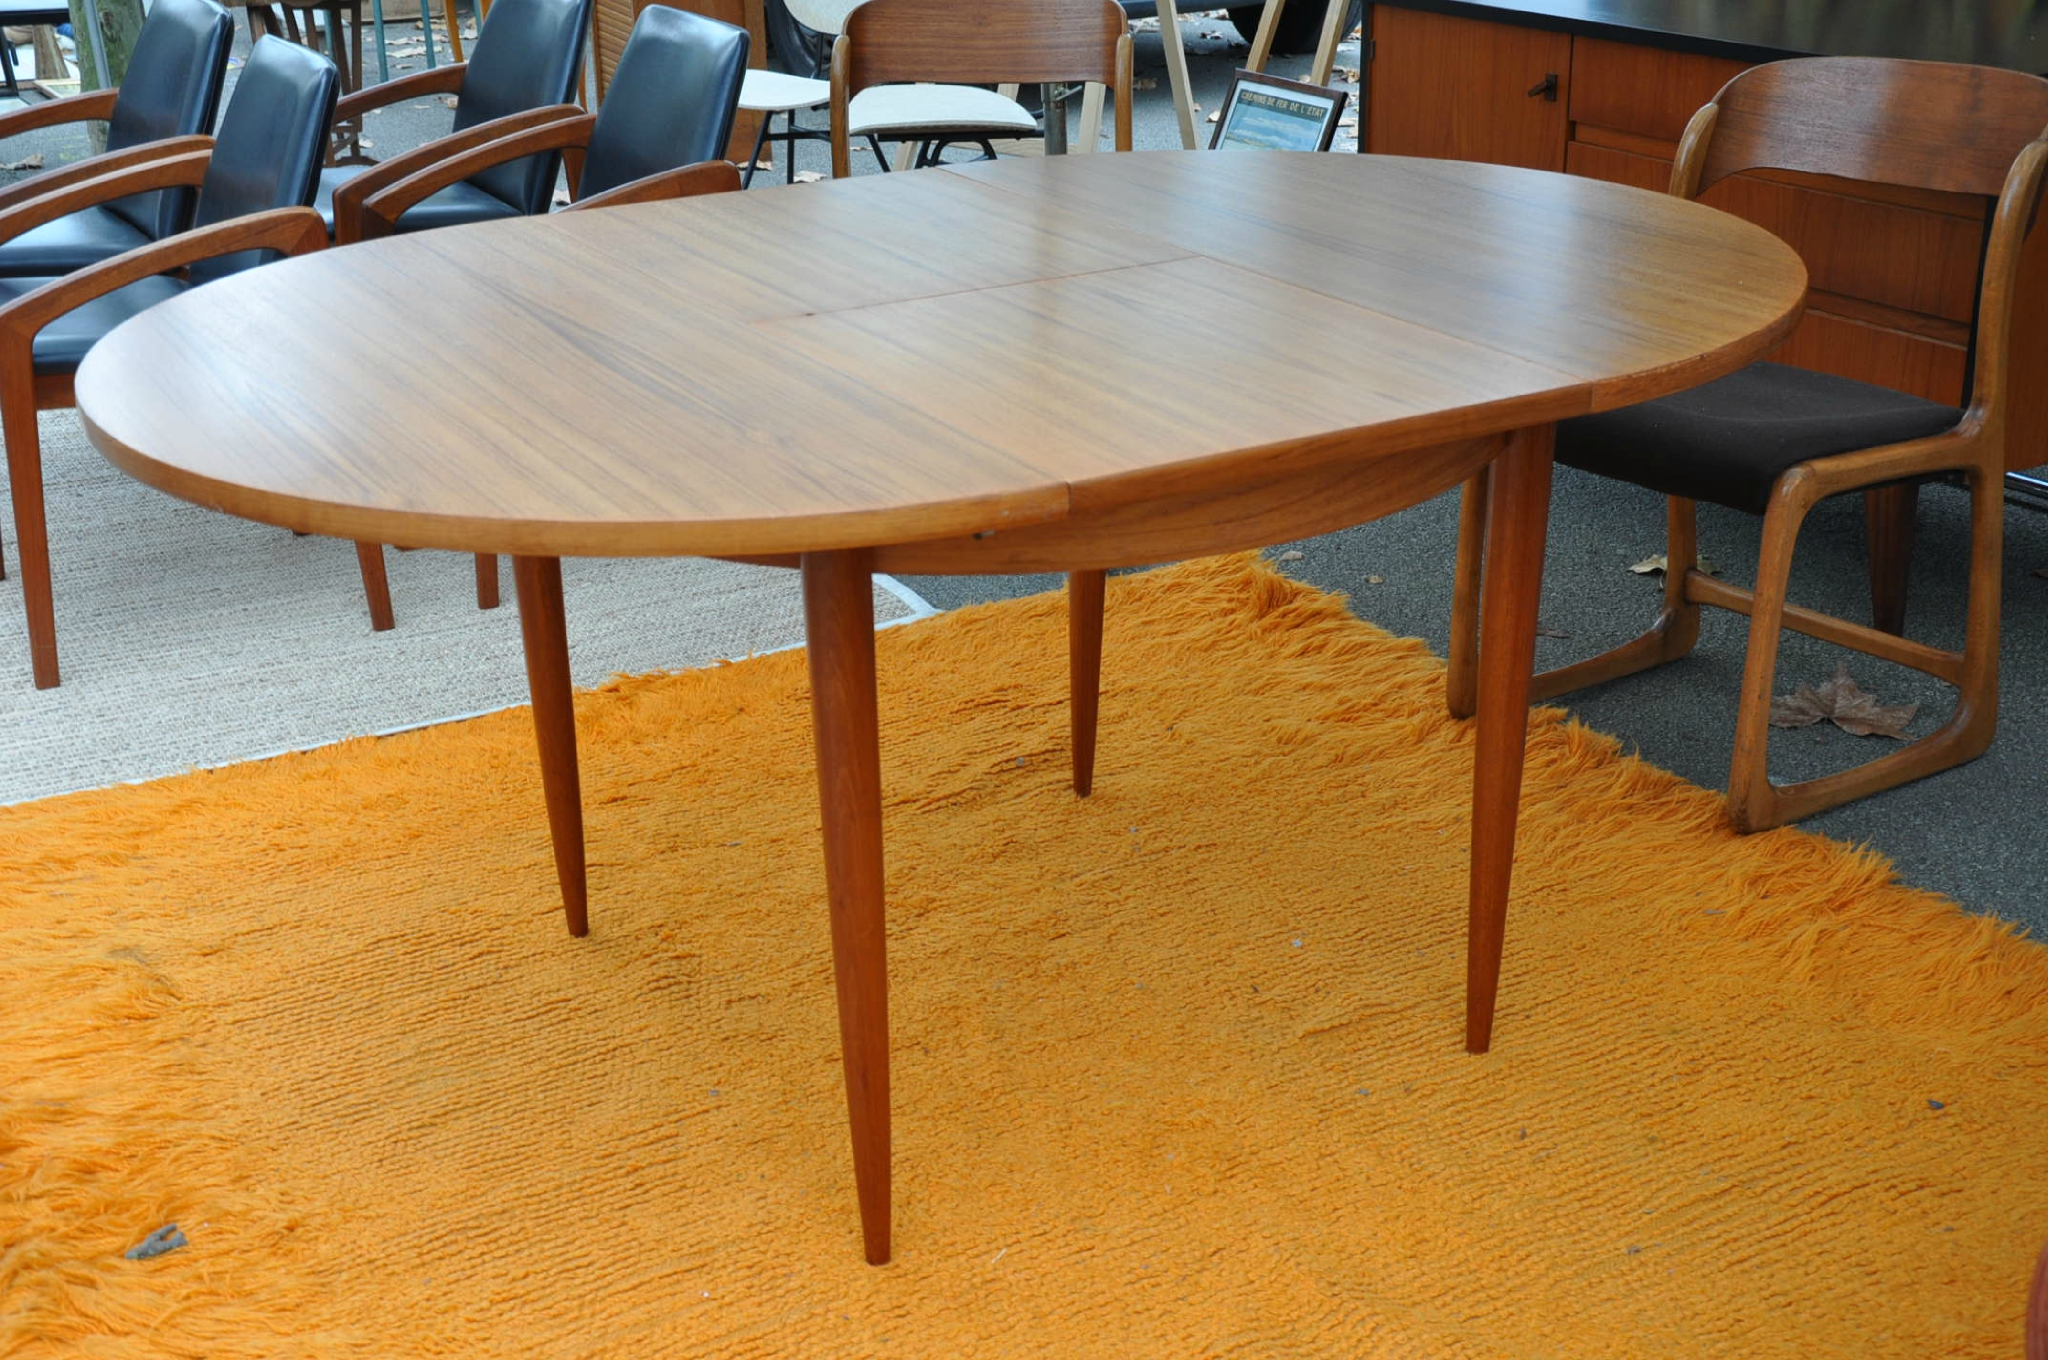 table ronde teck de type scandinave article vendu antiquit s du vingti me. Black Bedroom Furniture Sets. Home Design Ideas